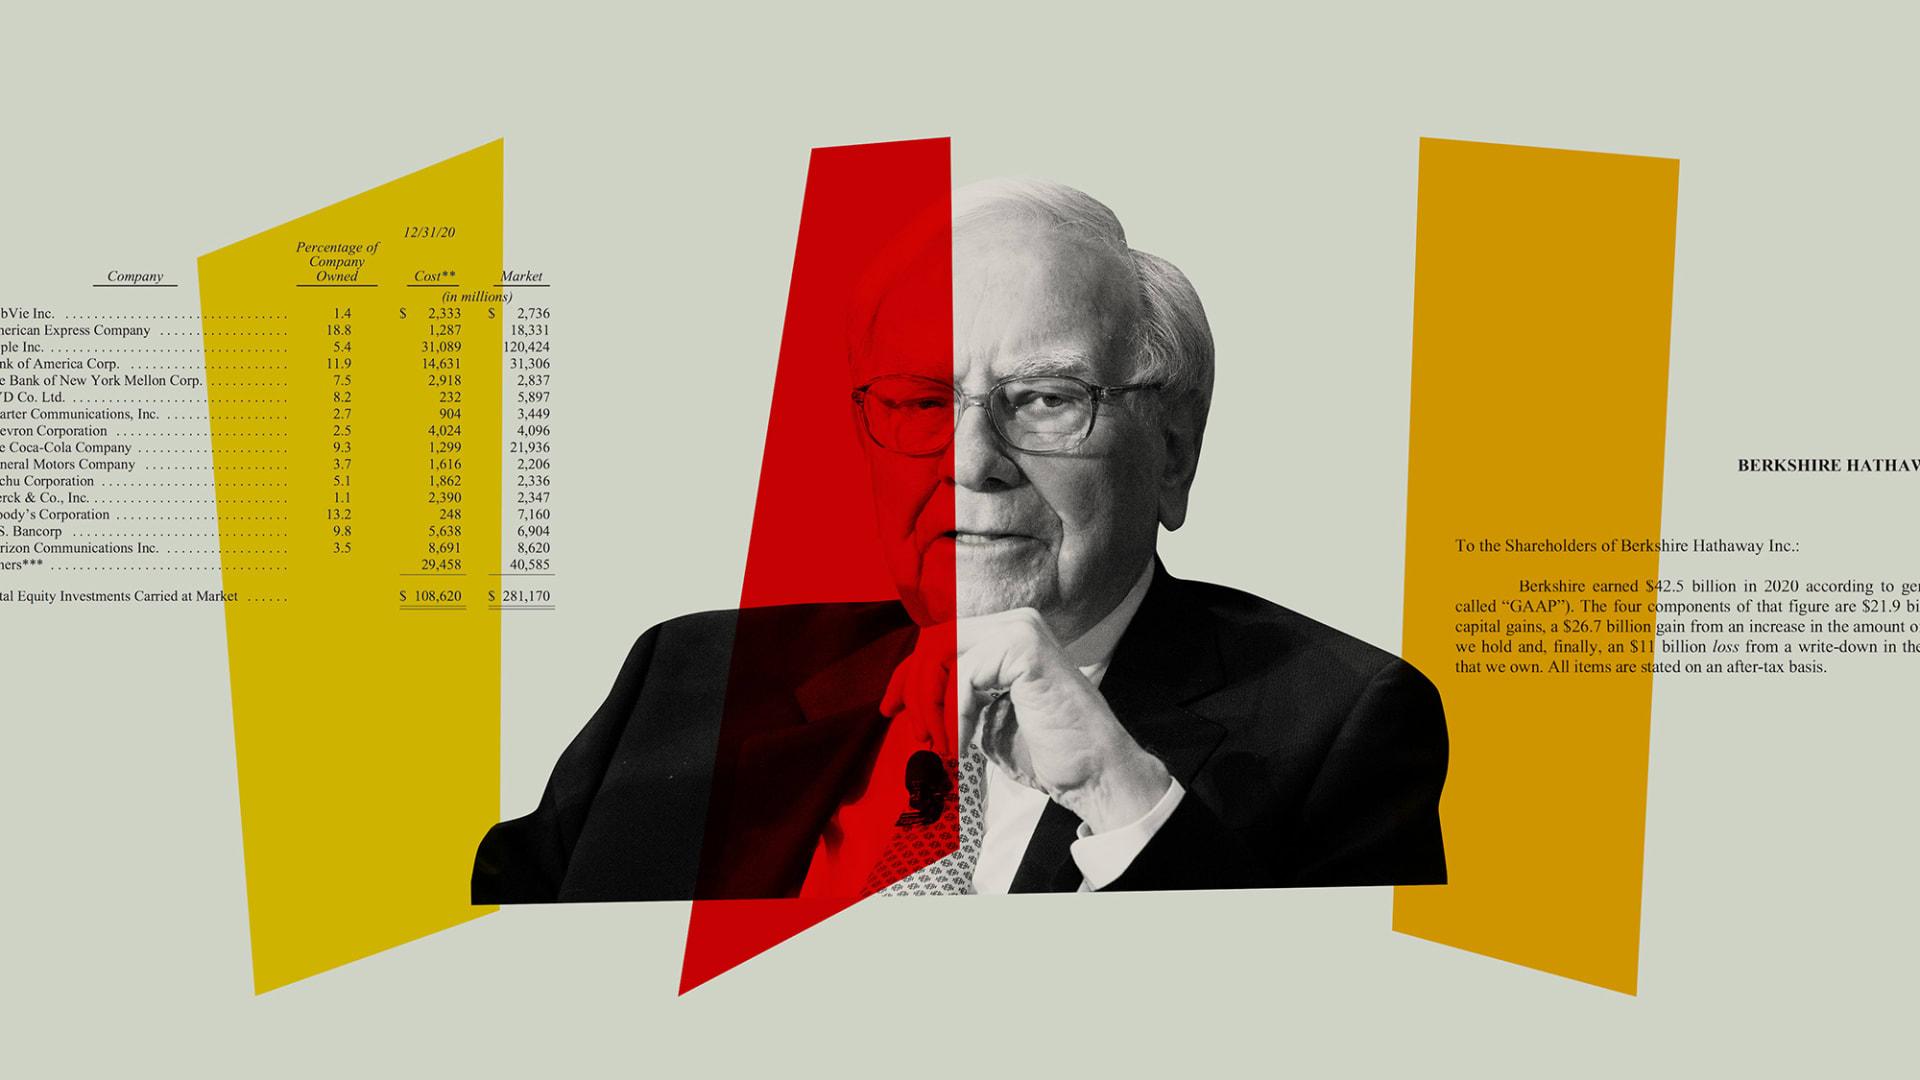 After 12 Long Months, Warren Buffett Just Shared a Truly Unexpected Message